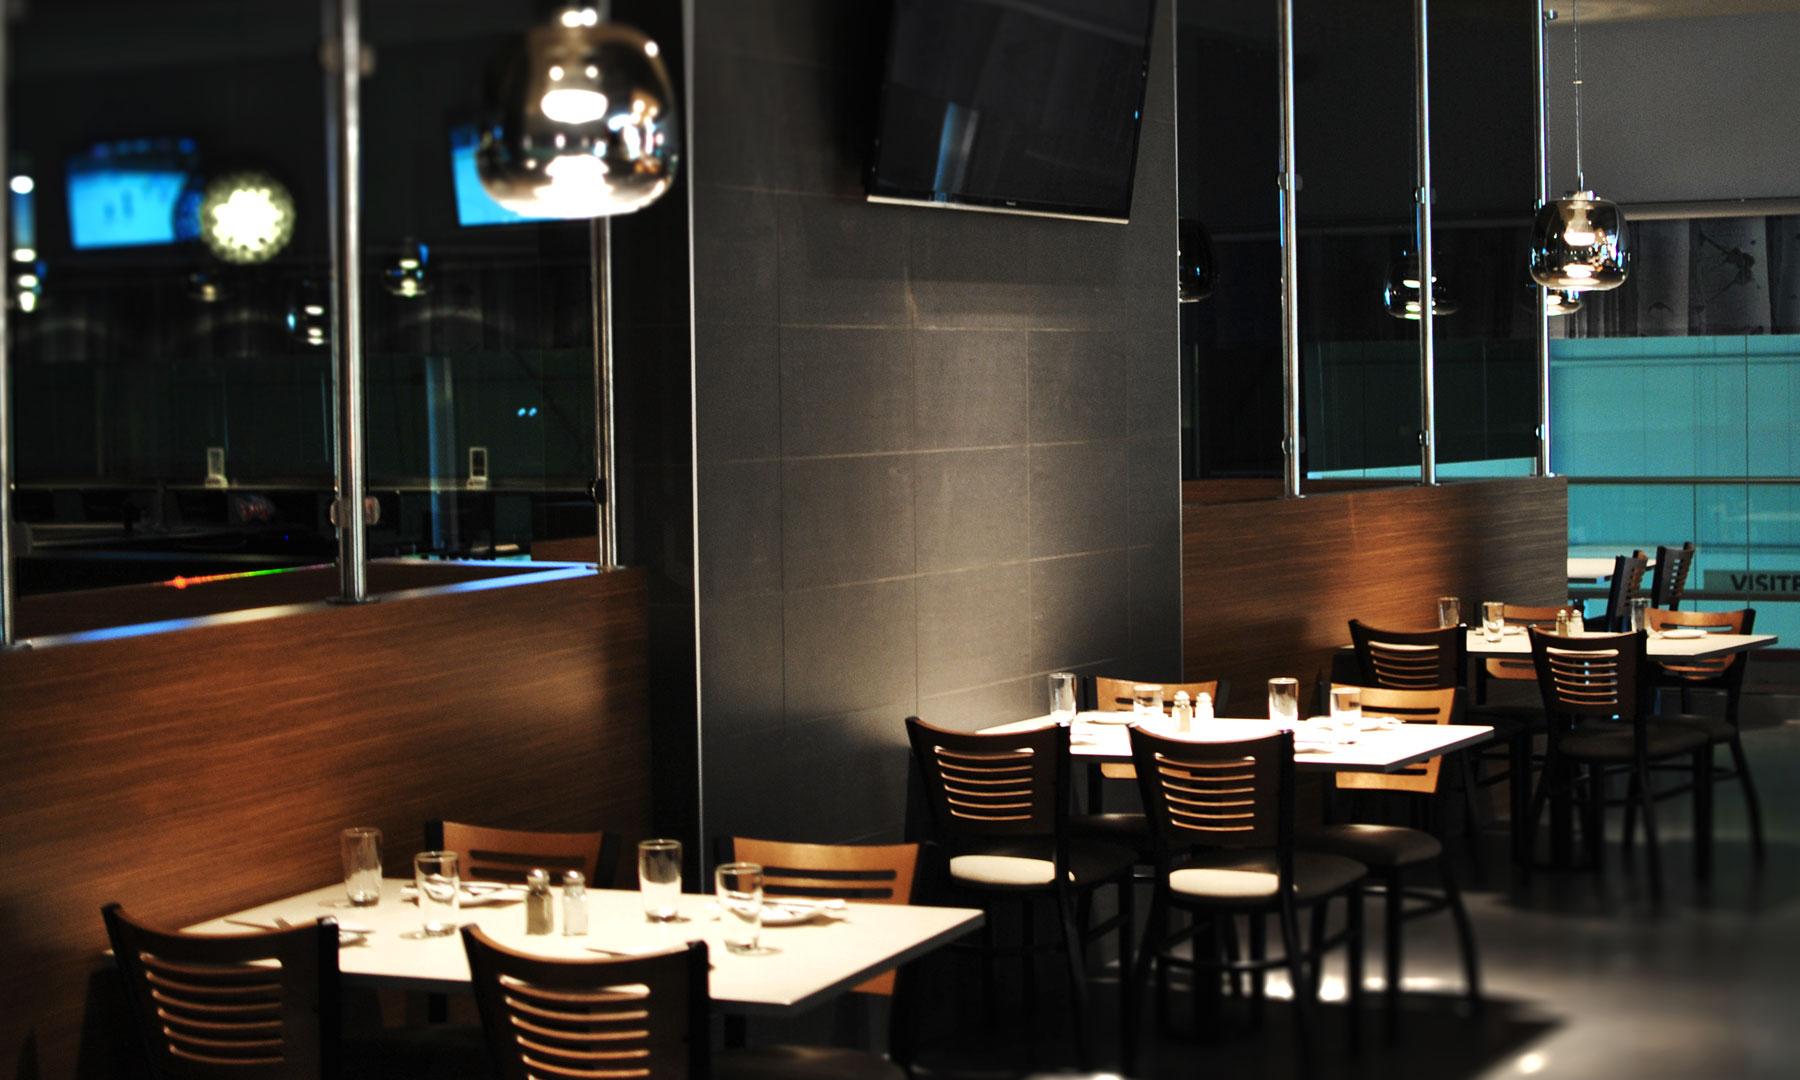 Accueil le caucus for Salle a manger vilvoorde restaurant